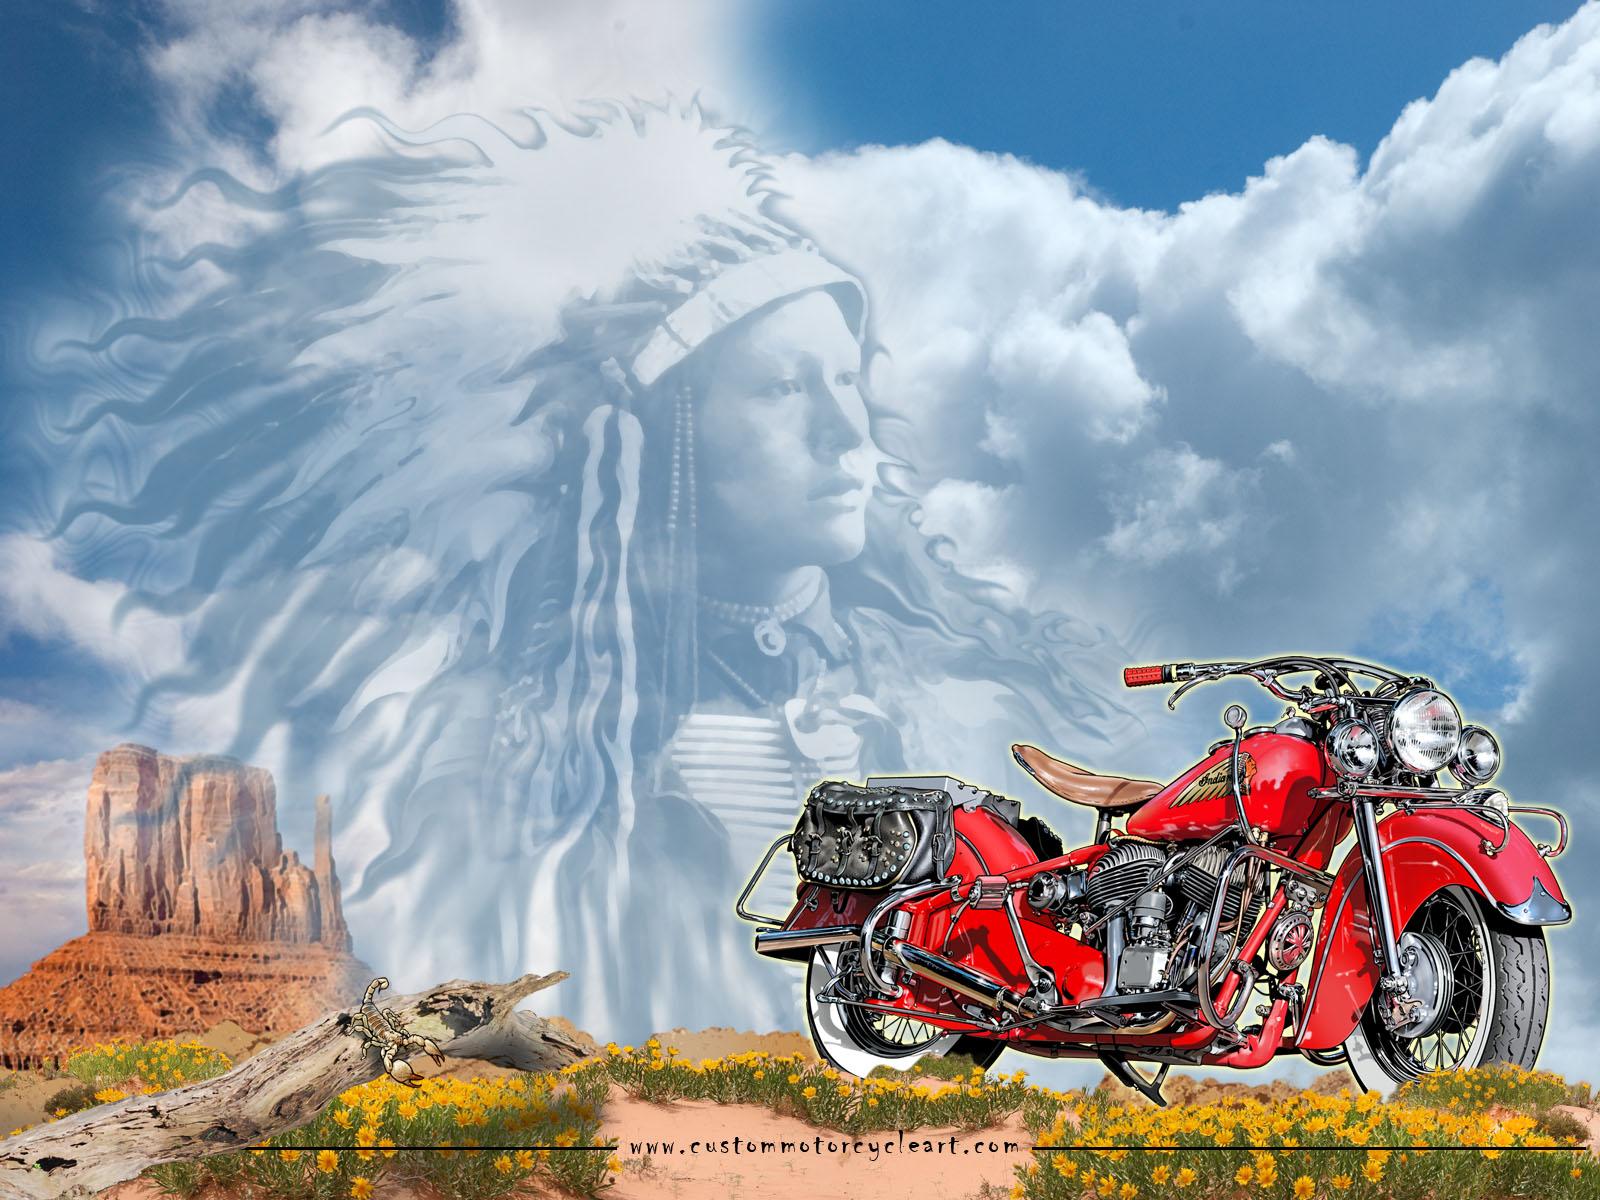 Motorcycle Art Wallpaper Wallpapersafari